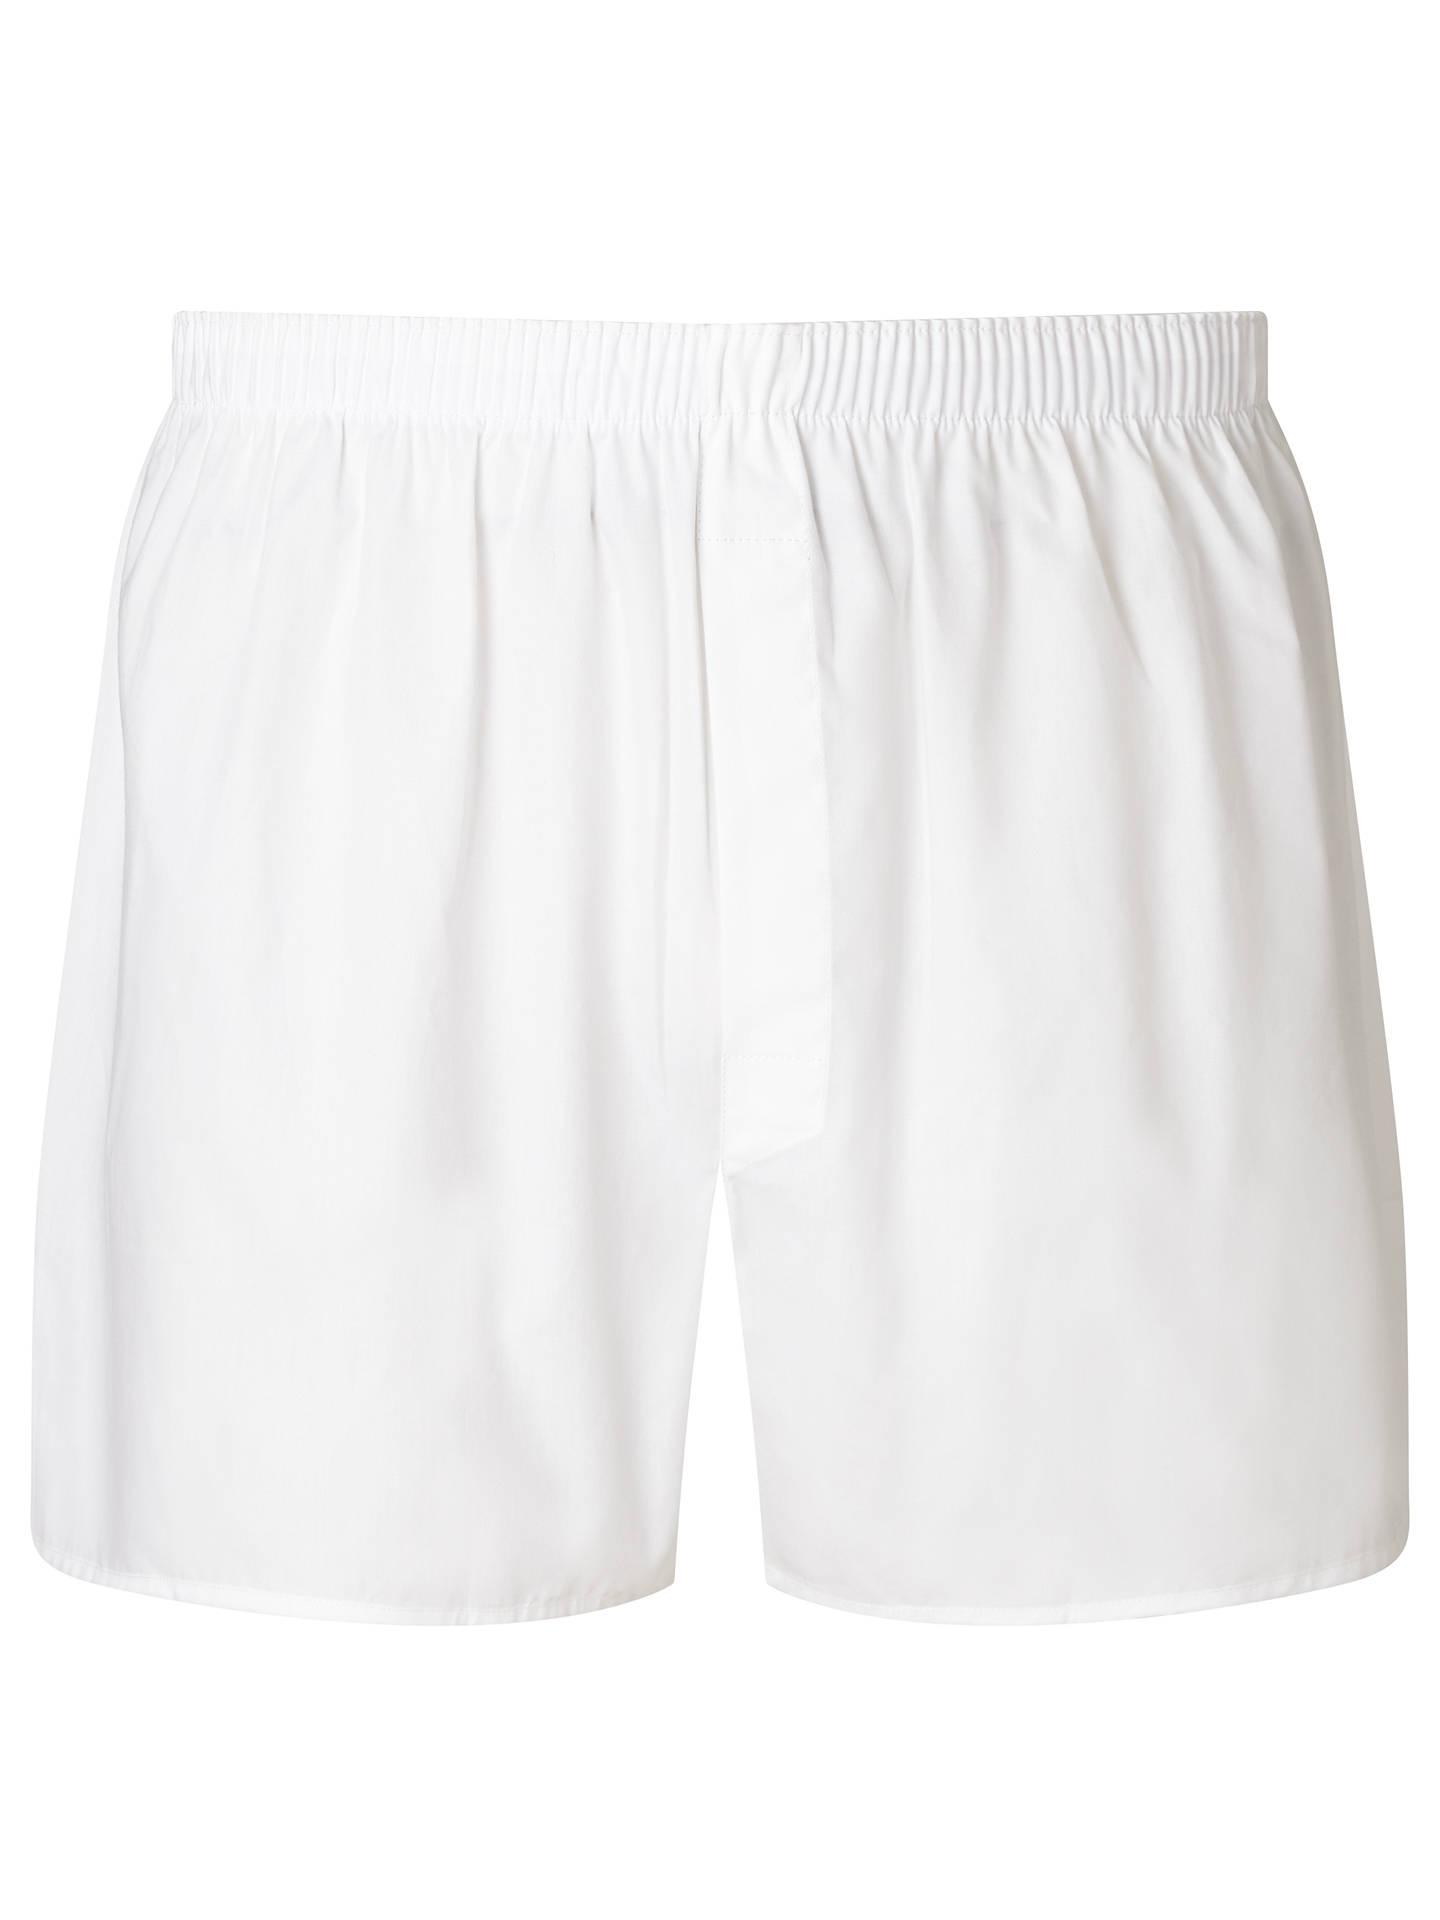 BuySunspel Classic Cotton Boxer Shorts ea7897d3d85